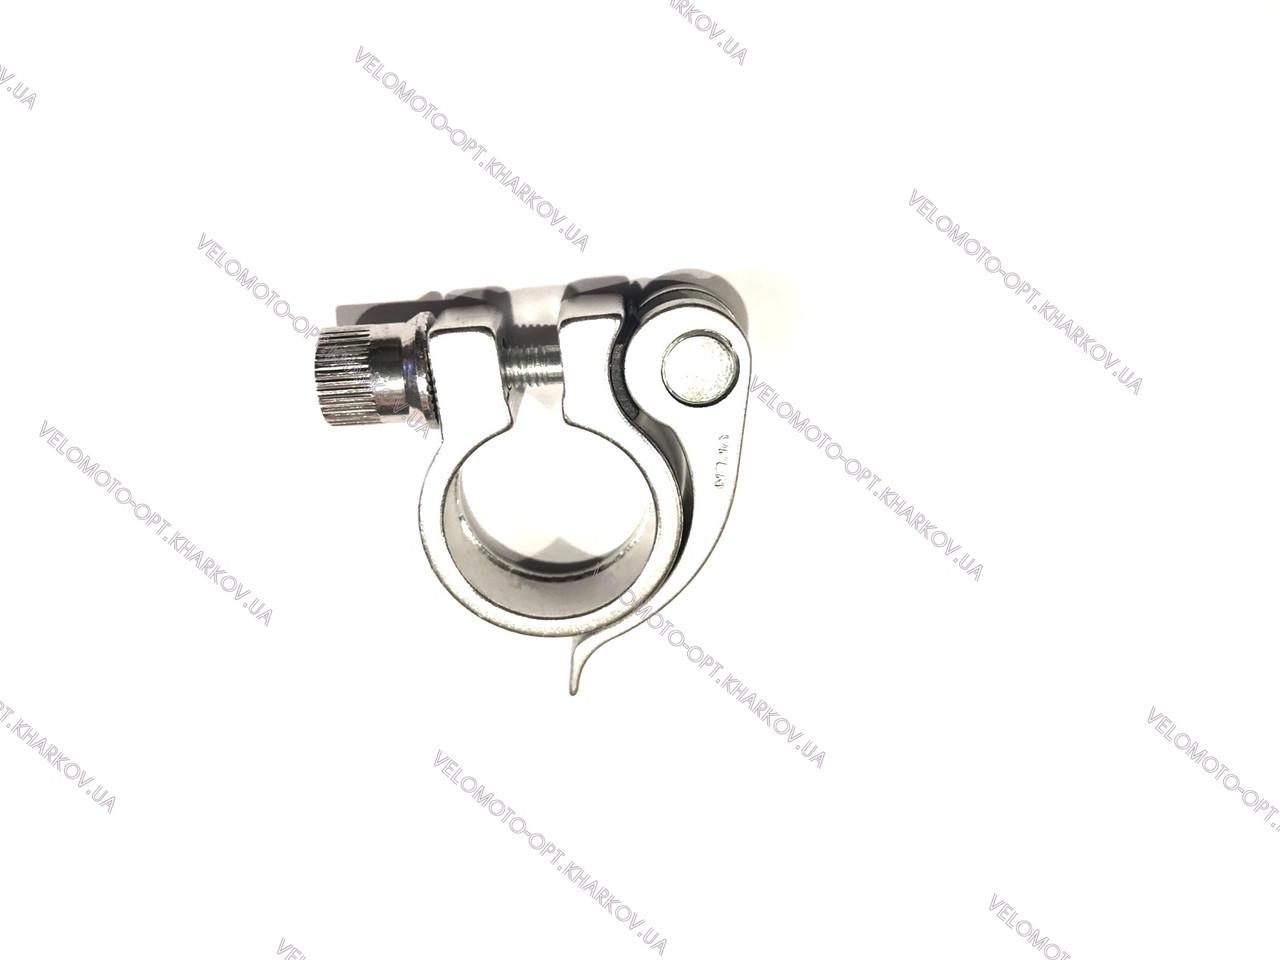 Хомут підсідельний 31.8 мм +ексцентрик, під трубу діаметром 28.6 мм, срібло